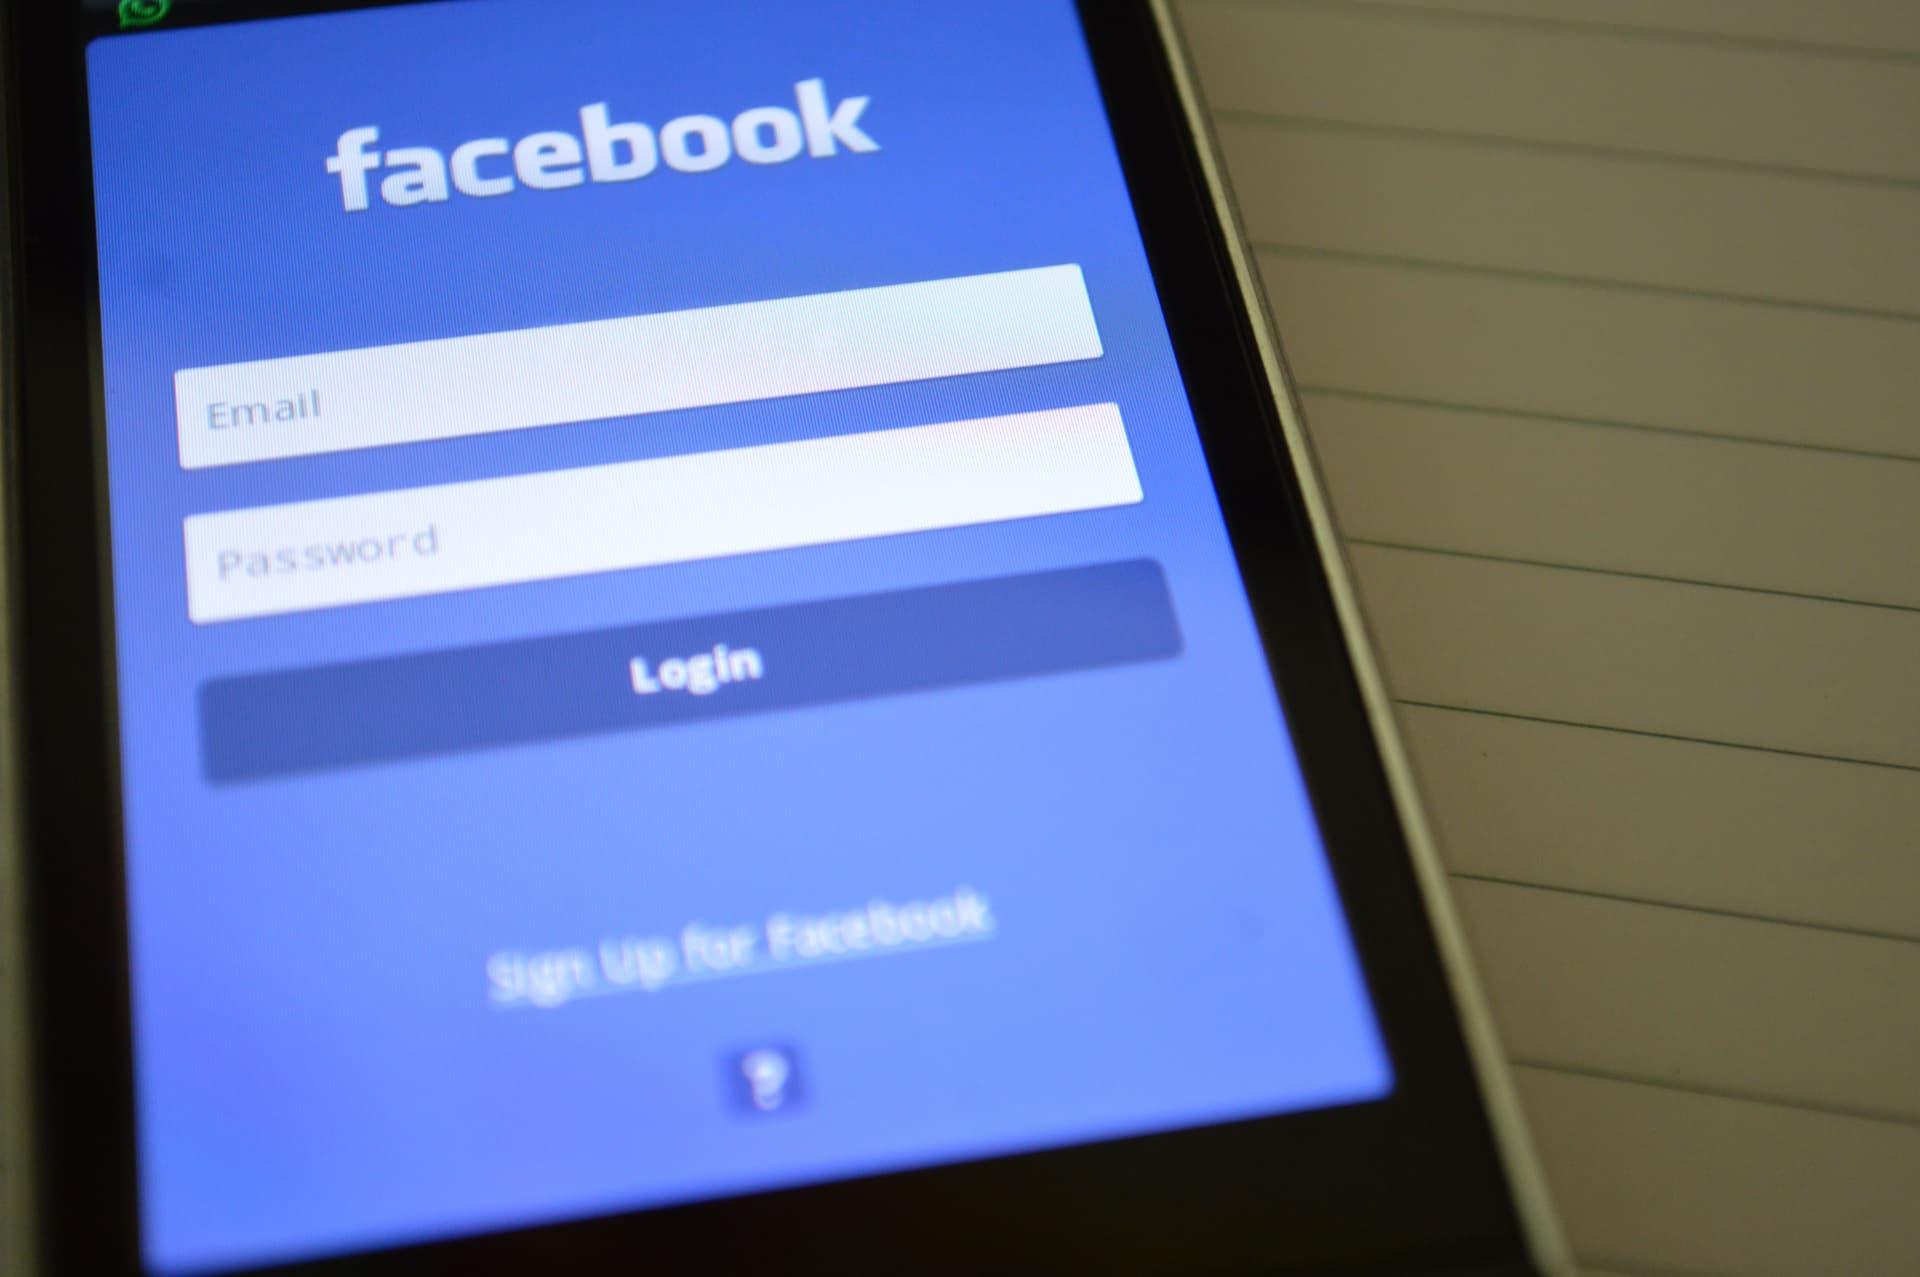 בין לייק לחסימה: עשרת הדיברות לדיון מוצלח בפייסבוק